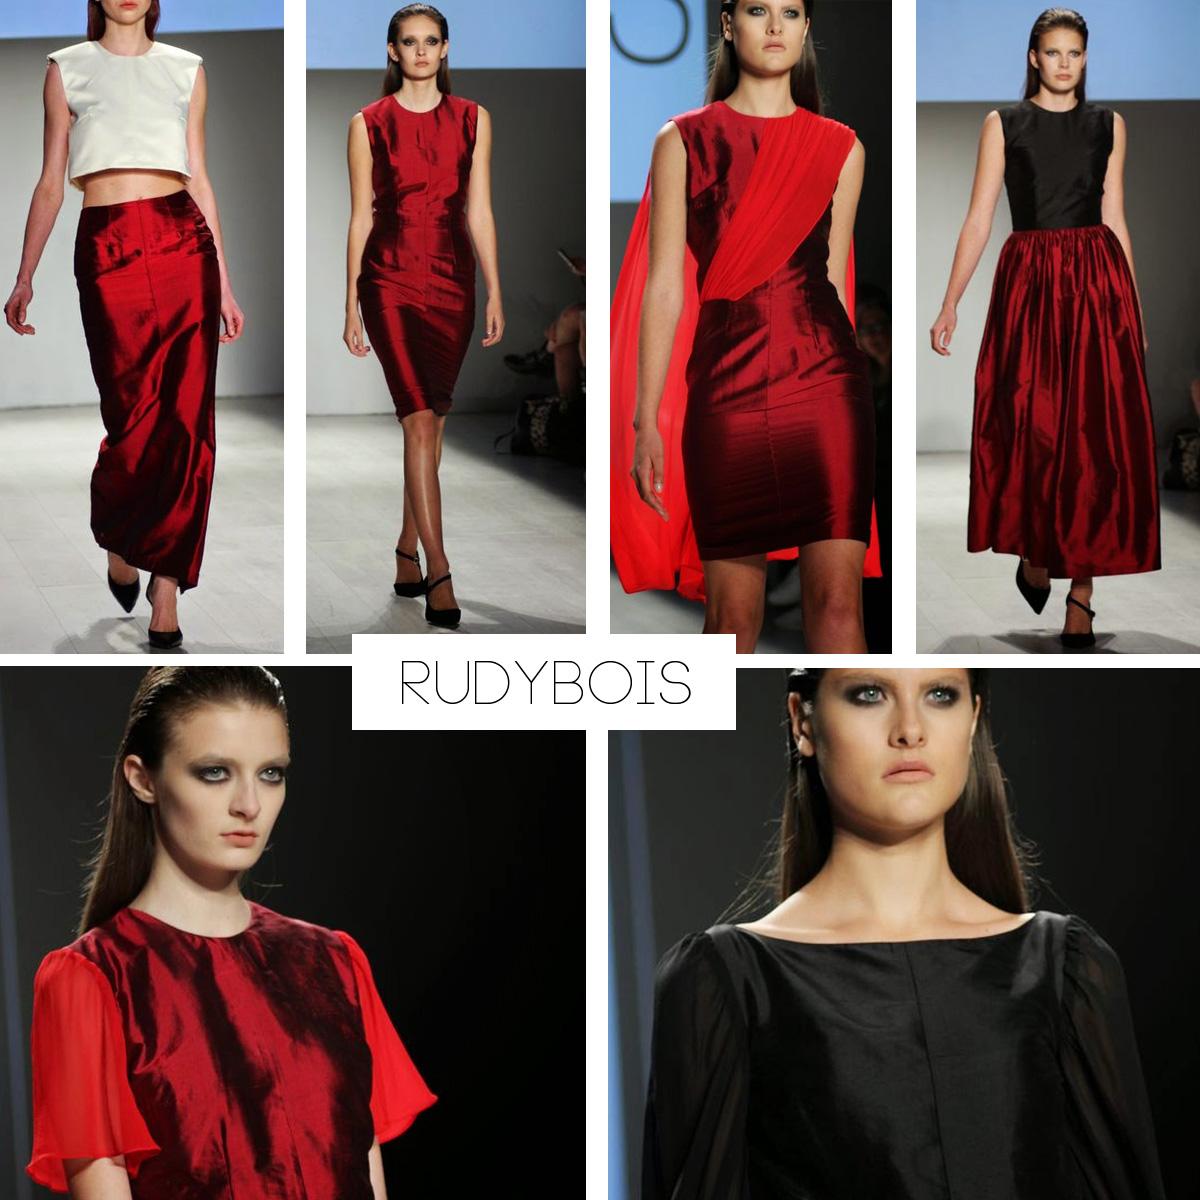 toronto fashion week 03 rudybois